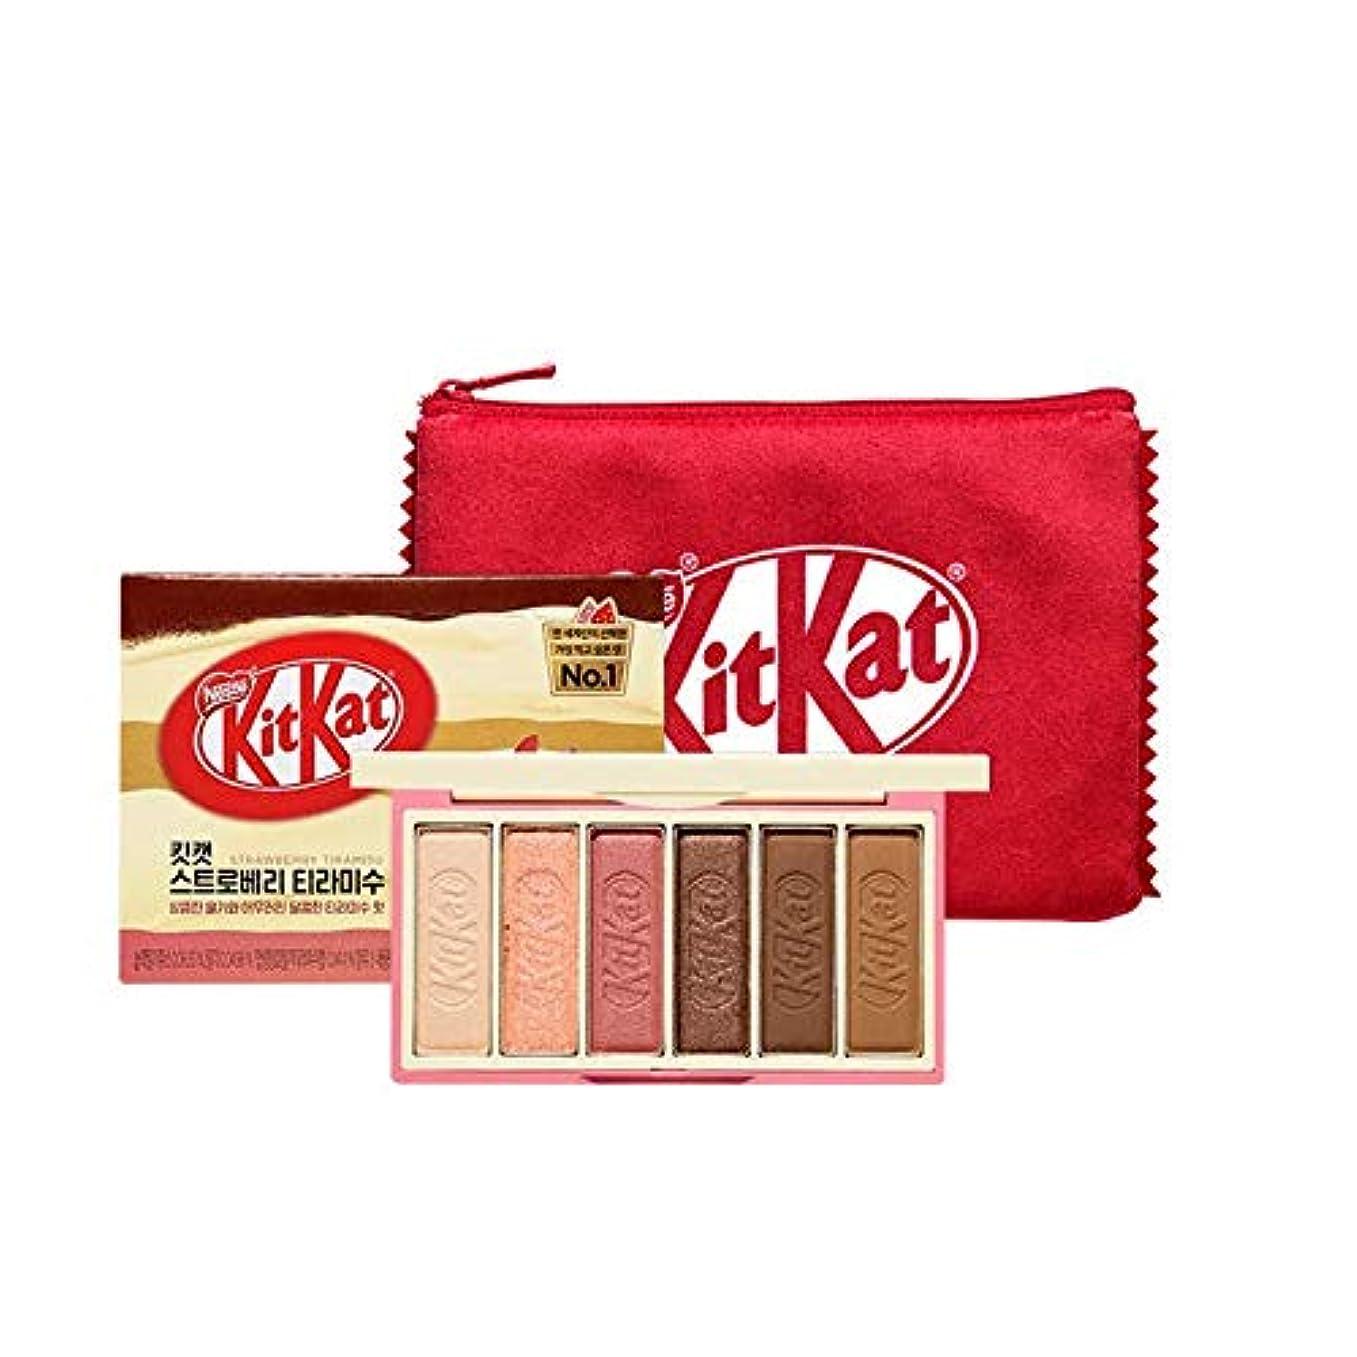 襟マニフェスト操作エチュードハウス キットカット プレイカラー アイズ ミニ キット 1*6g / ETUDE HOUSE KitKat Play Color Eyes Mini Kit #2 KitKat Strawberry Tiramisu...